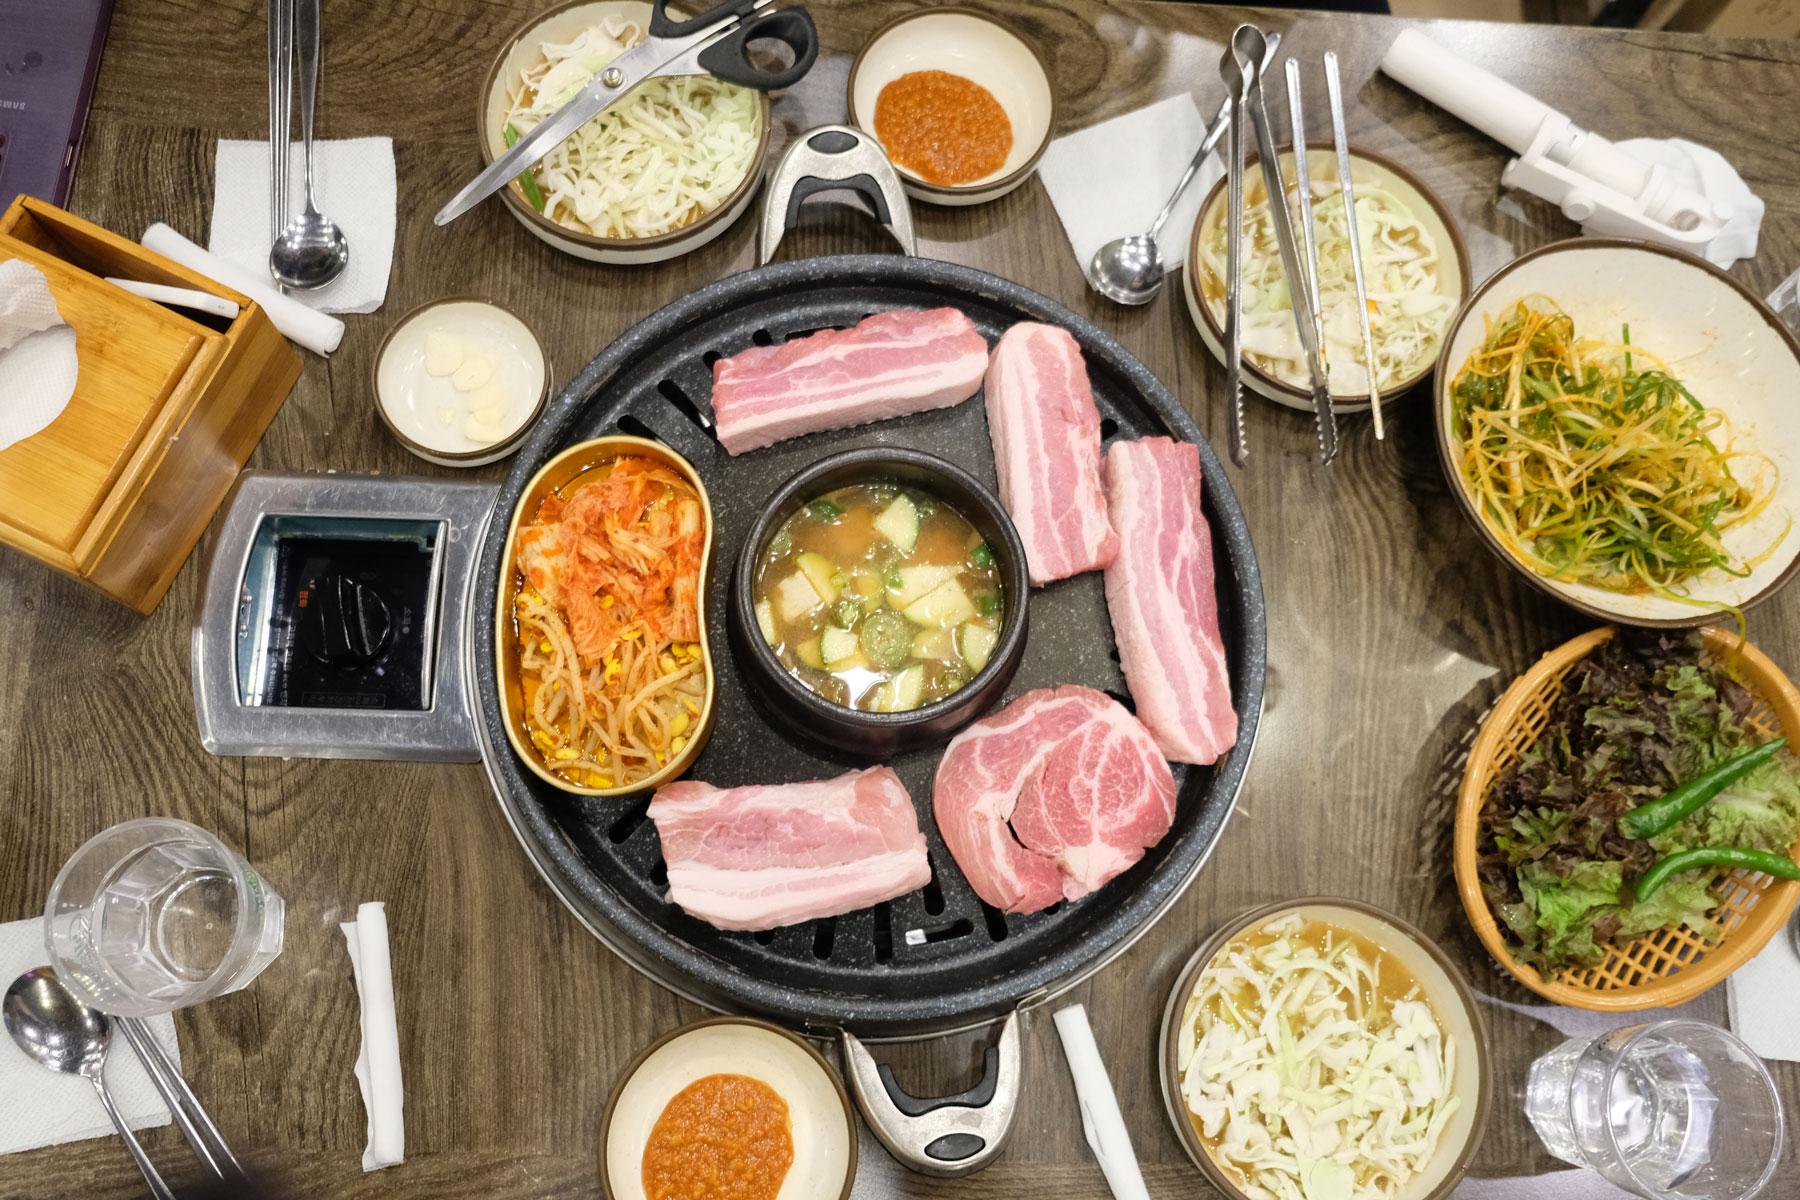 Ein Tisch ist für das koreanische Barbeque vorbereitet, bei dem dicke Scheiben Fleisch gegrillt werden.